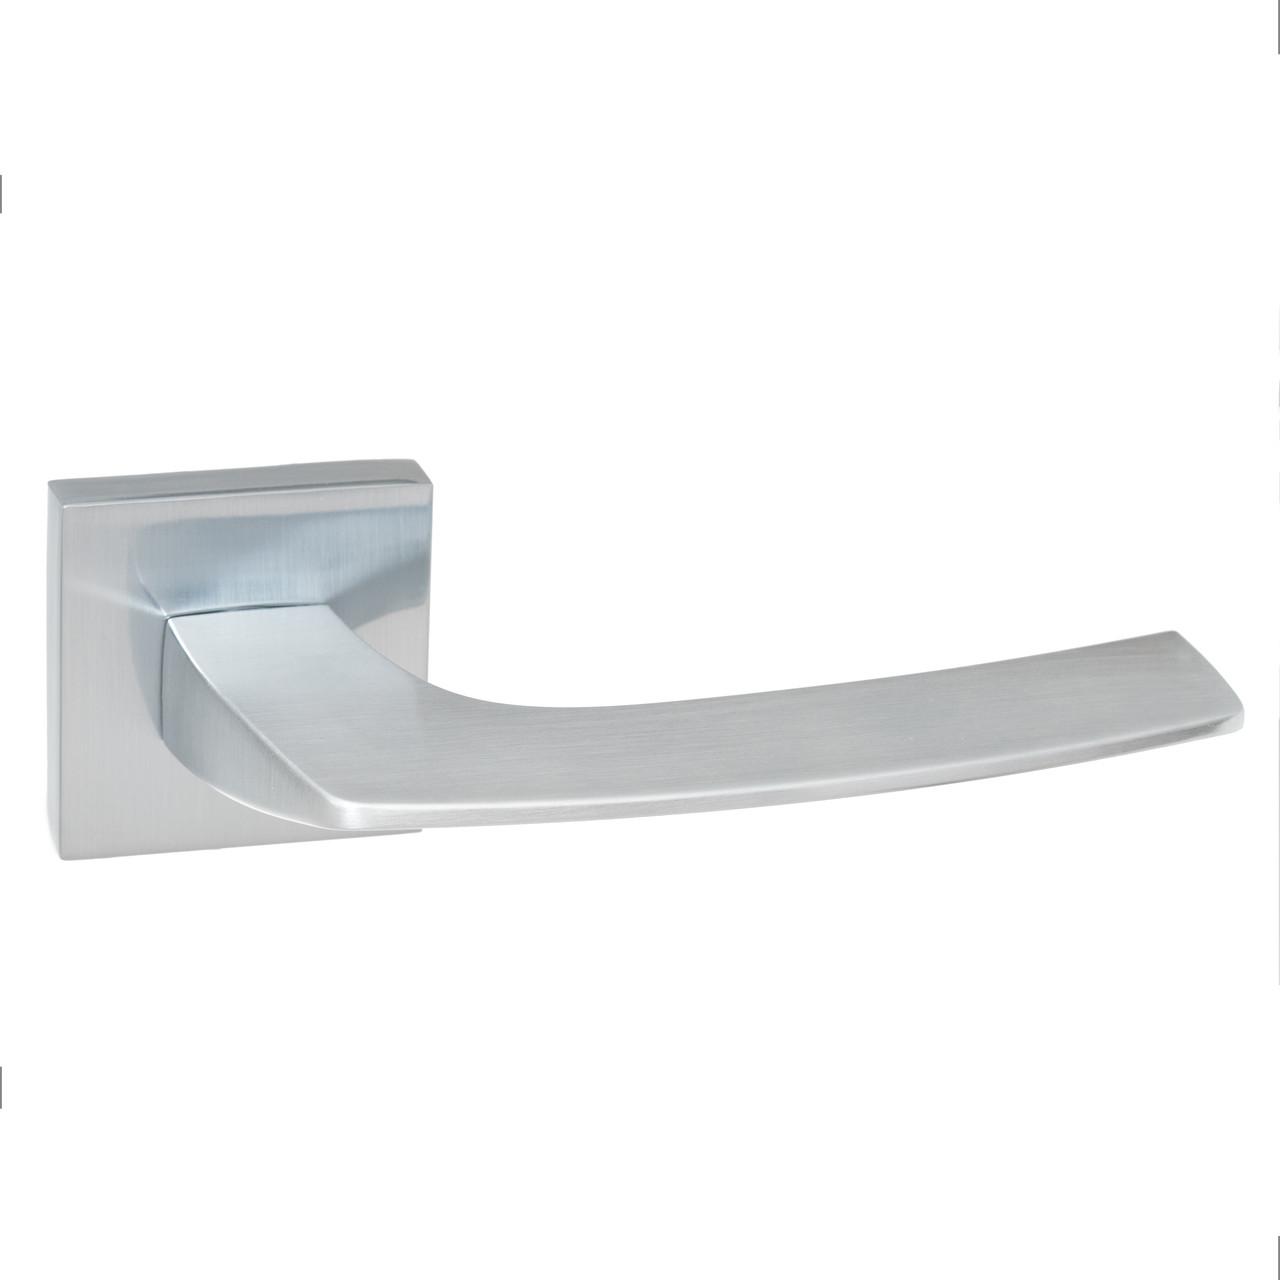 Итальянская дверная ручка LINEA chrom mat